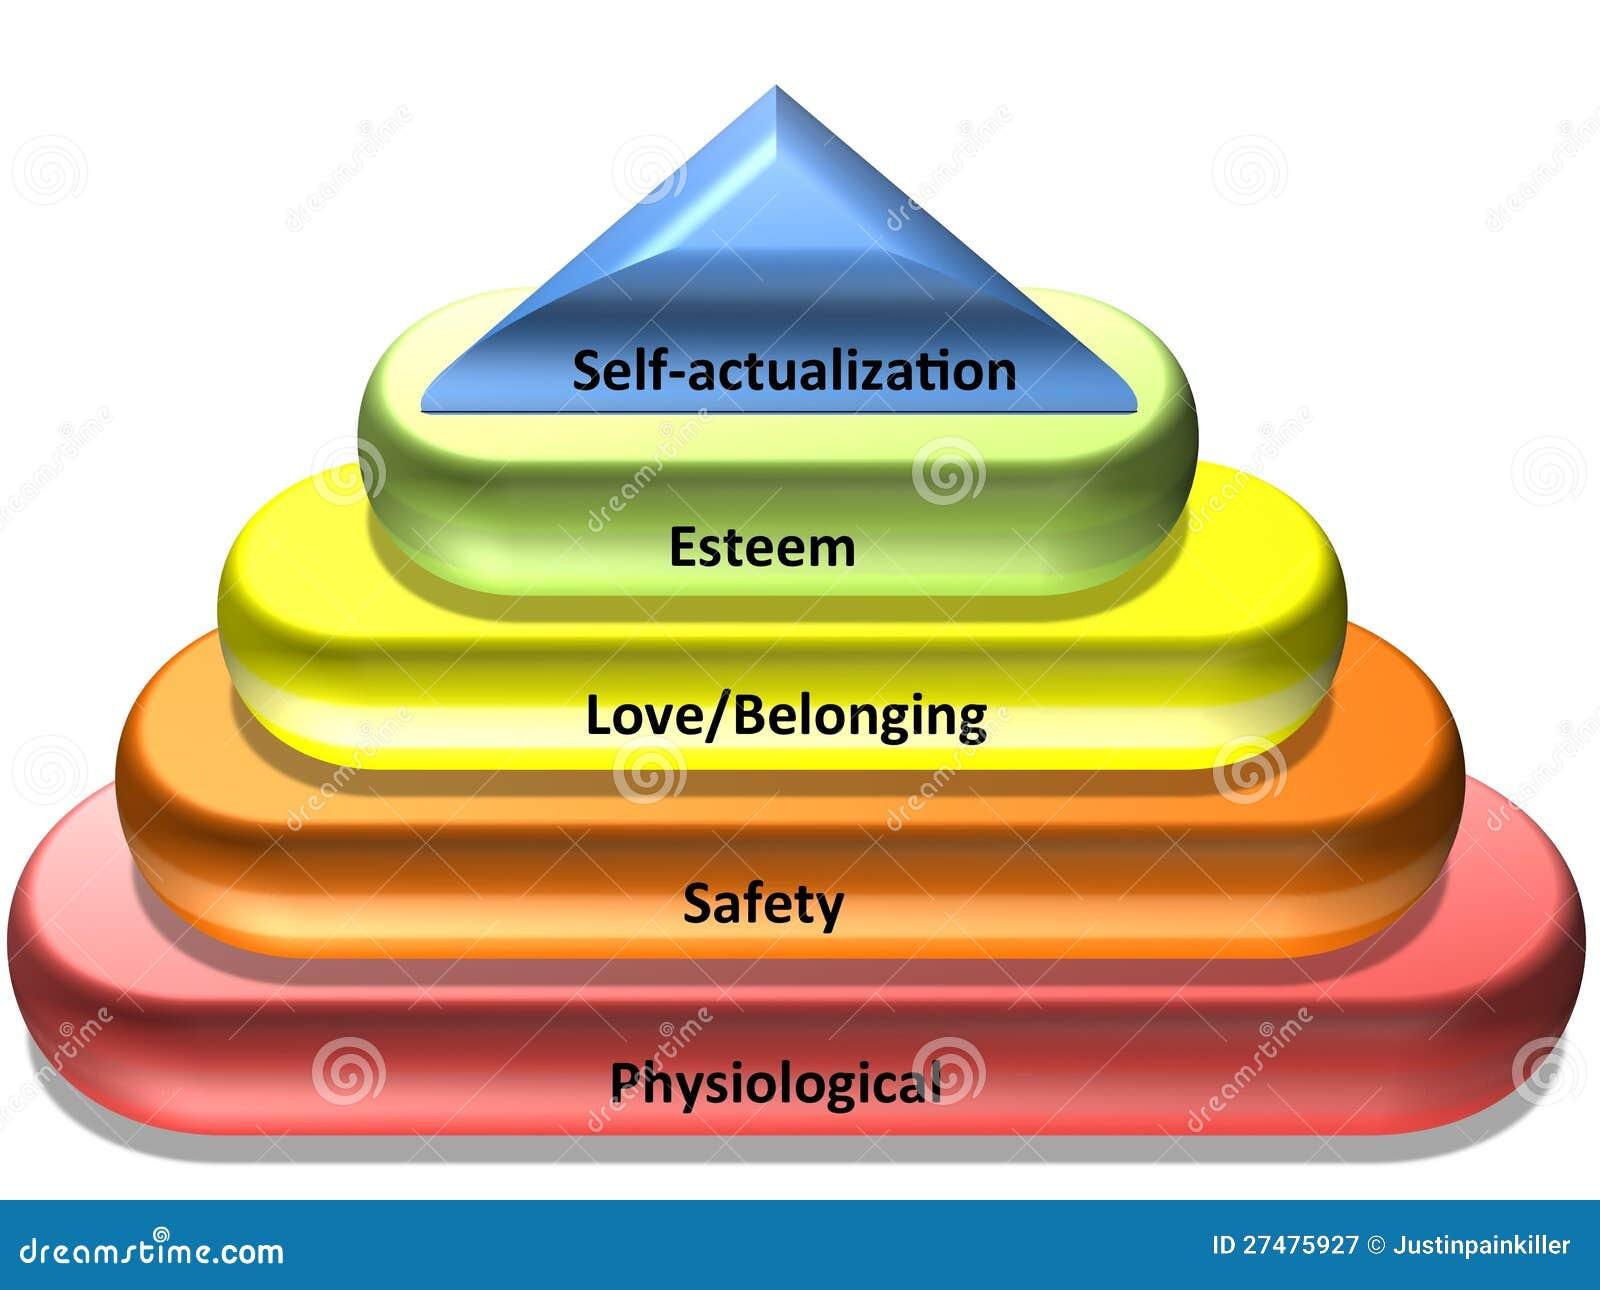 需要Maslow的层次结构